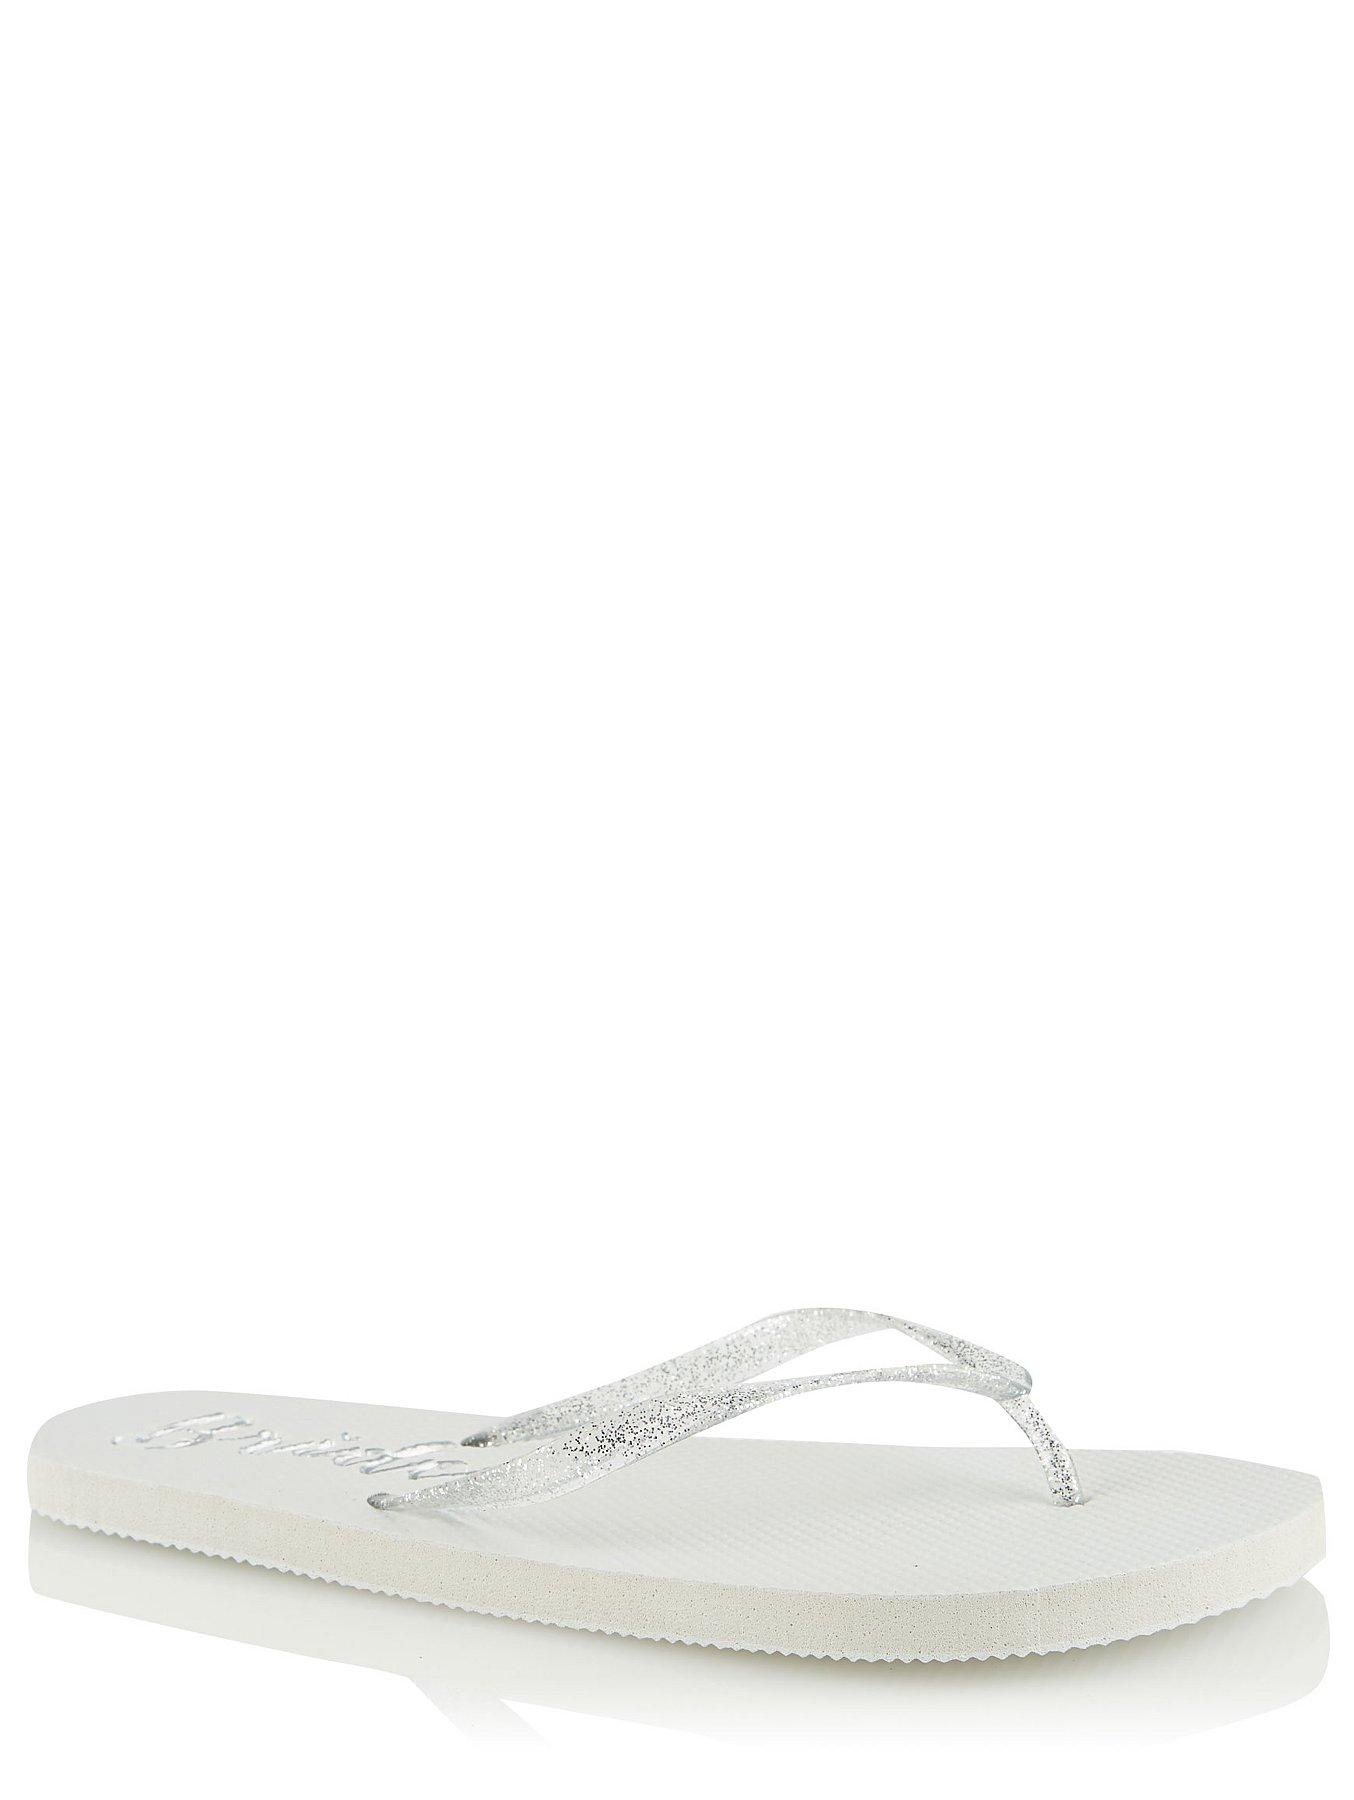 95dd67501dc10 White Bride Flip Flops